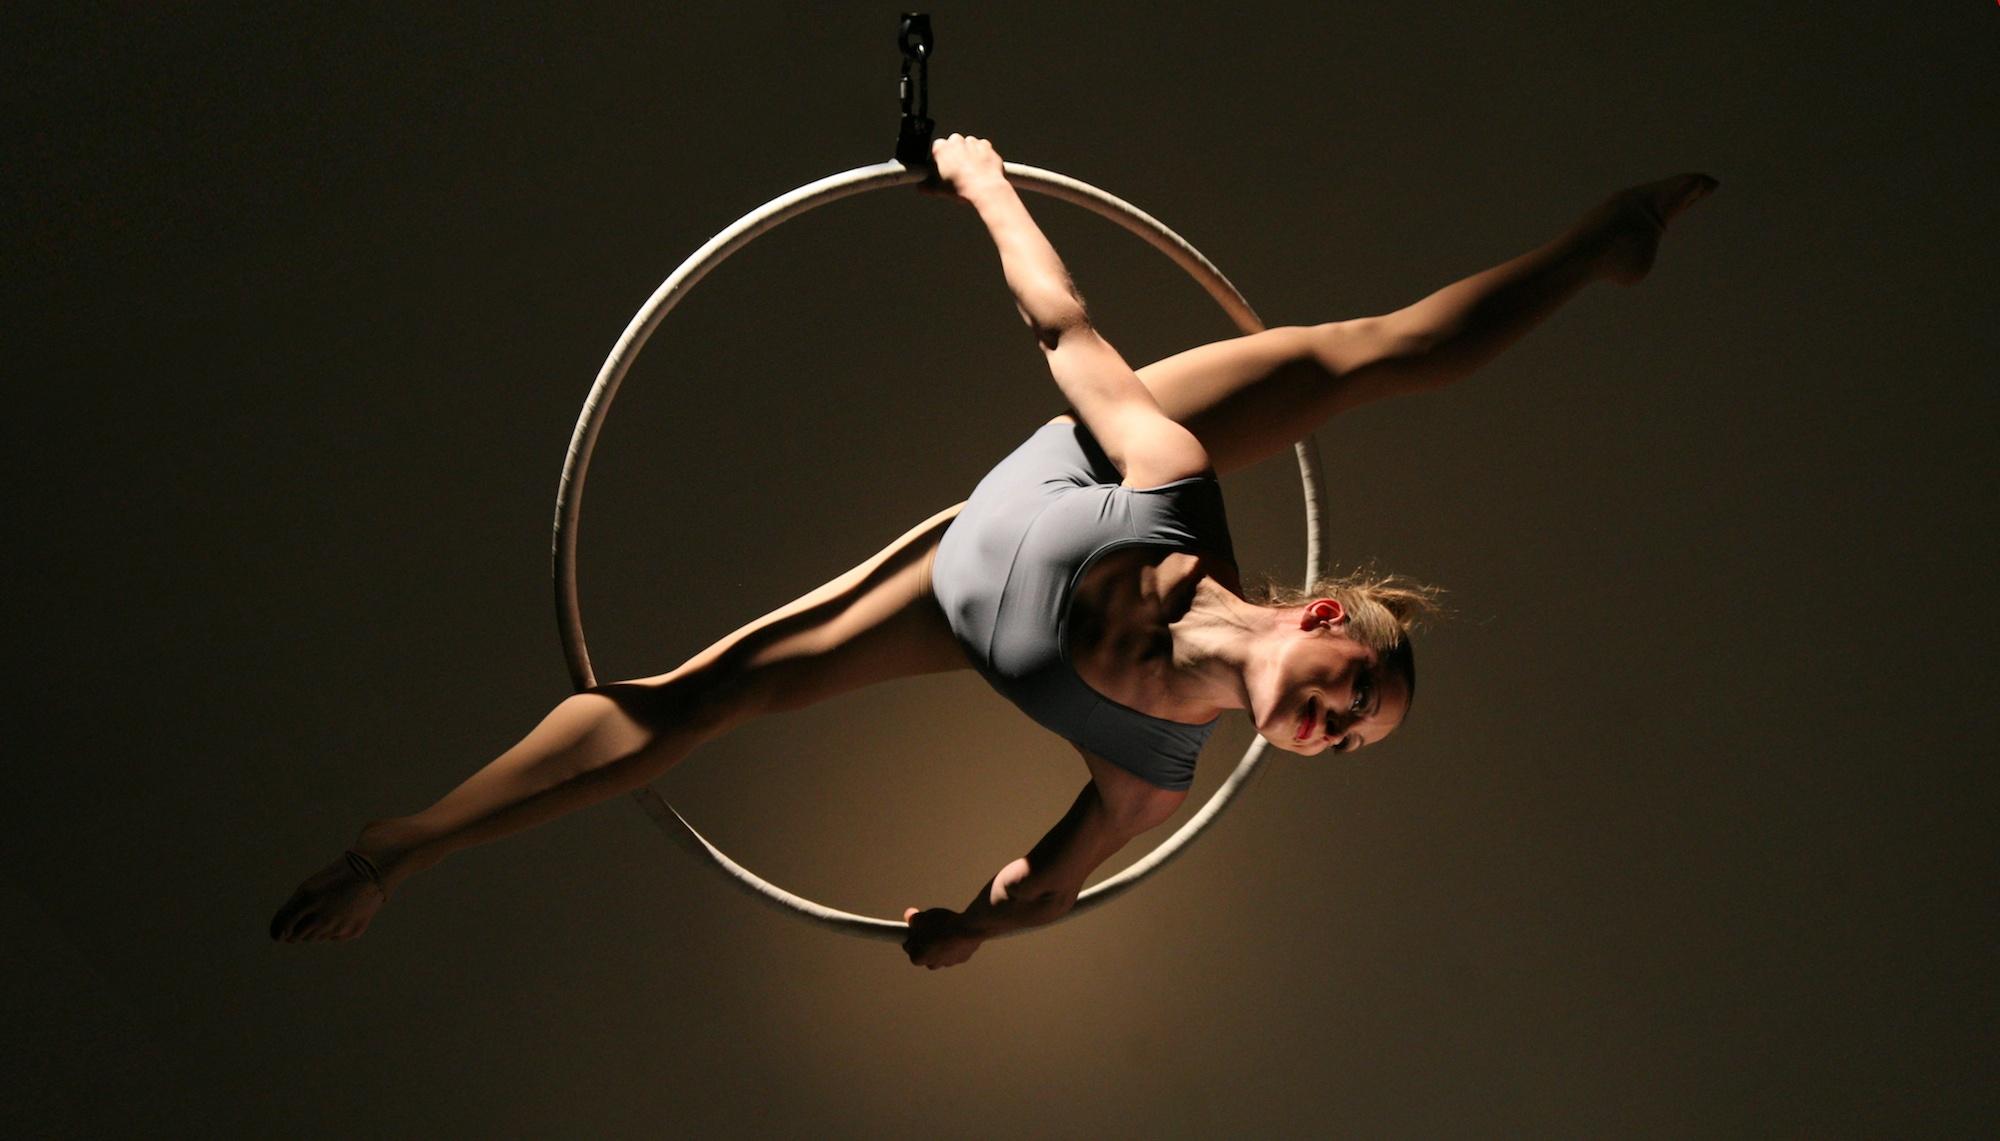 Lilli Muehleisen Aerial Hoop